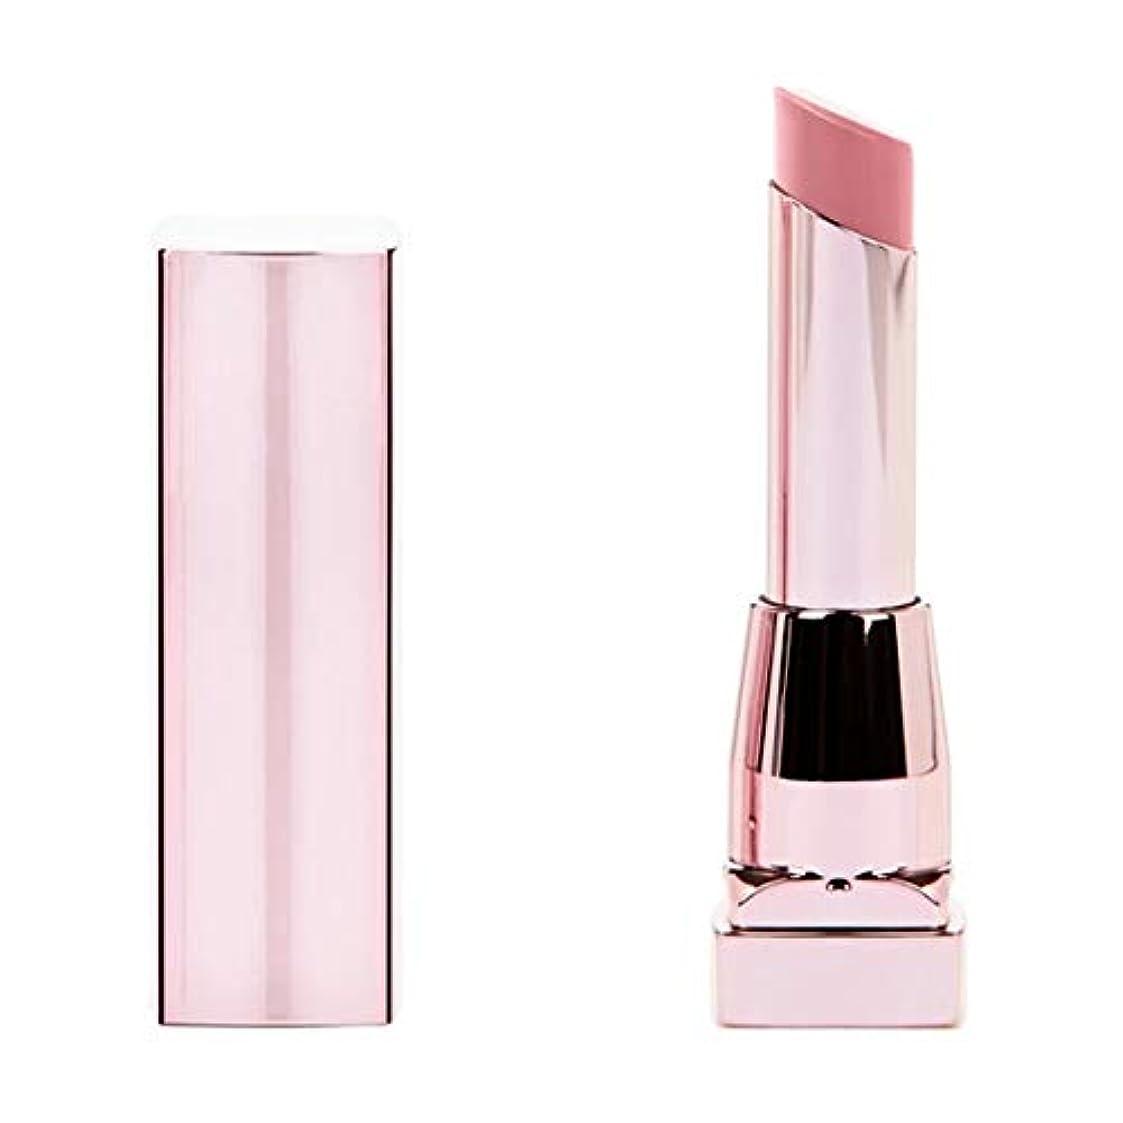 堂々たる誇張年金(6 Pack) MAYBELLINE Color Sensational Shine Compulsion Lipstick - Undressed Pink 075 (並行輸入品)